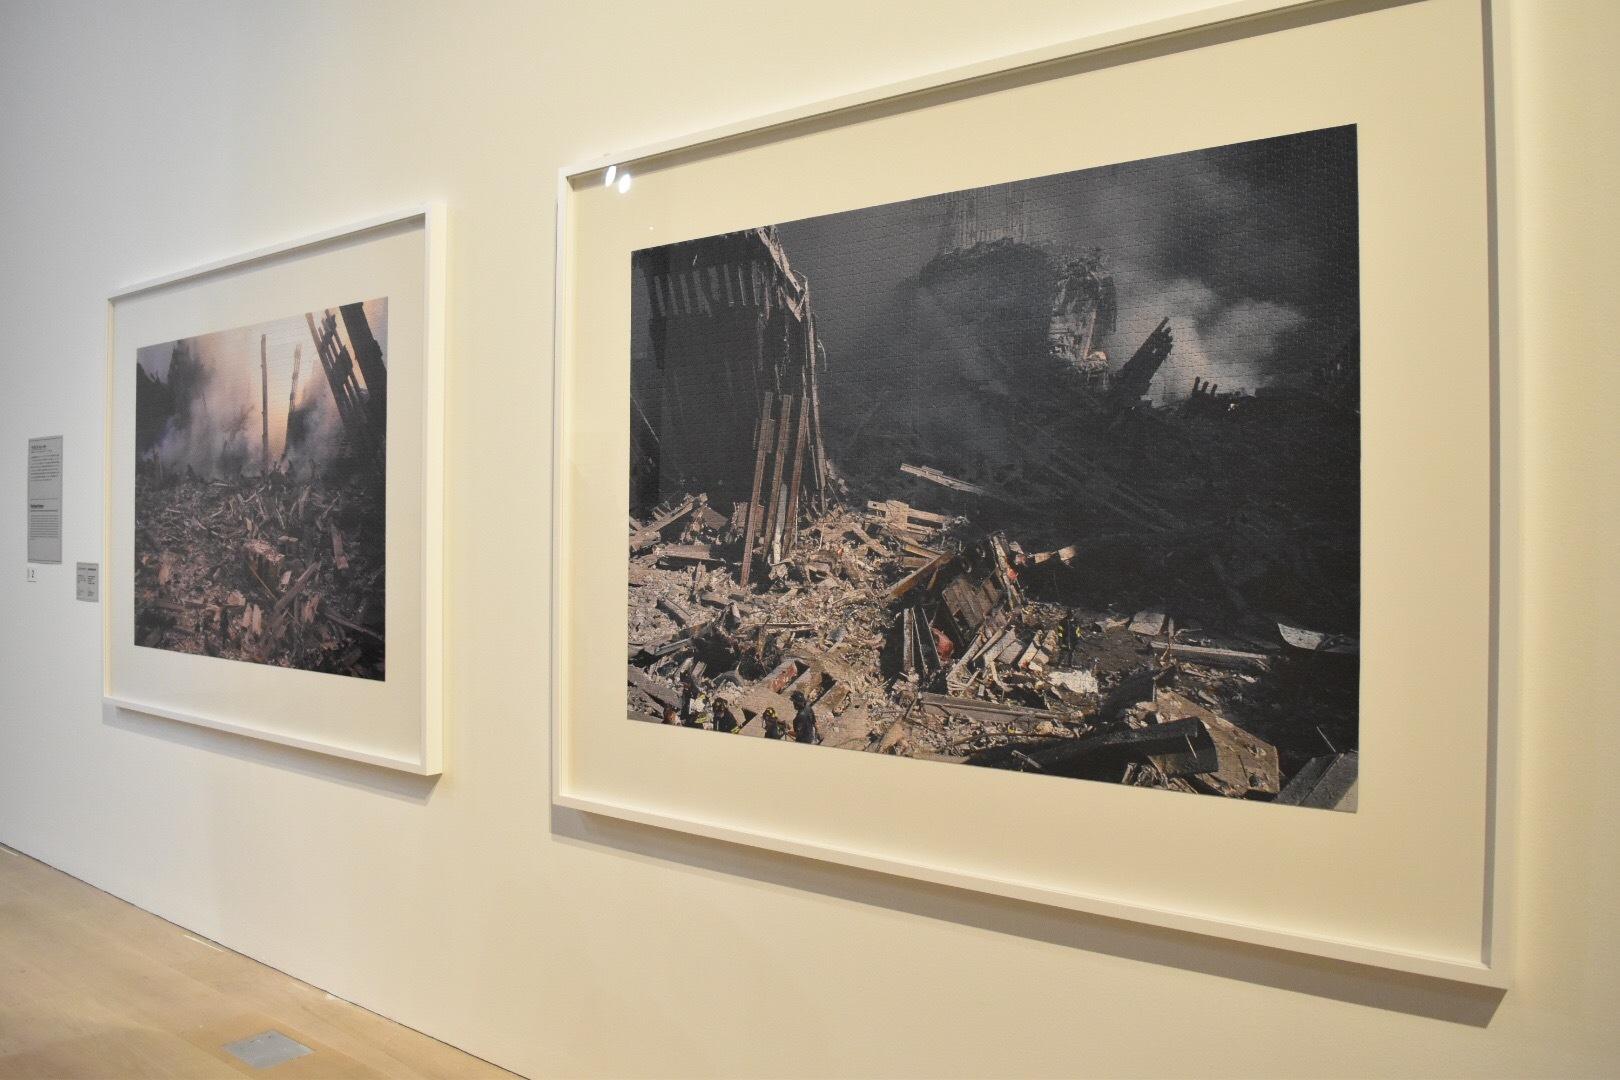 右:《2011年9月11日のテロリスト攻撃の後、ワールド・トレード・センターから煙が出る》左奥:《2001年9月12日、ニューヨーク、ワールド・ファイナンシャル・プラザの日の出》 クリストフ・ドレーガー 2018年 作家蔵